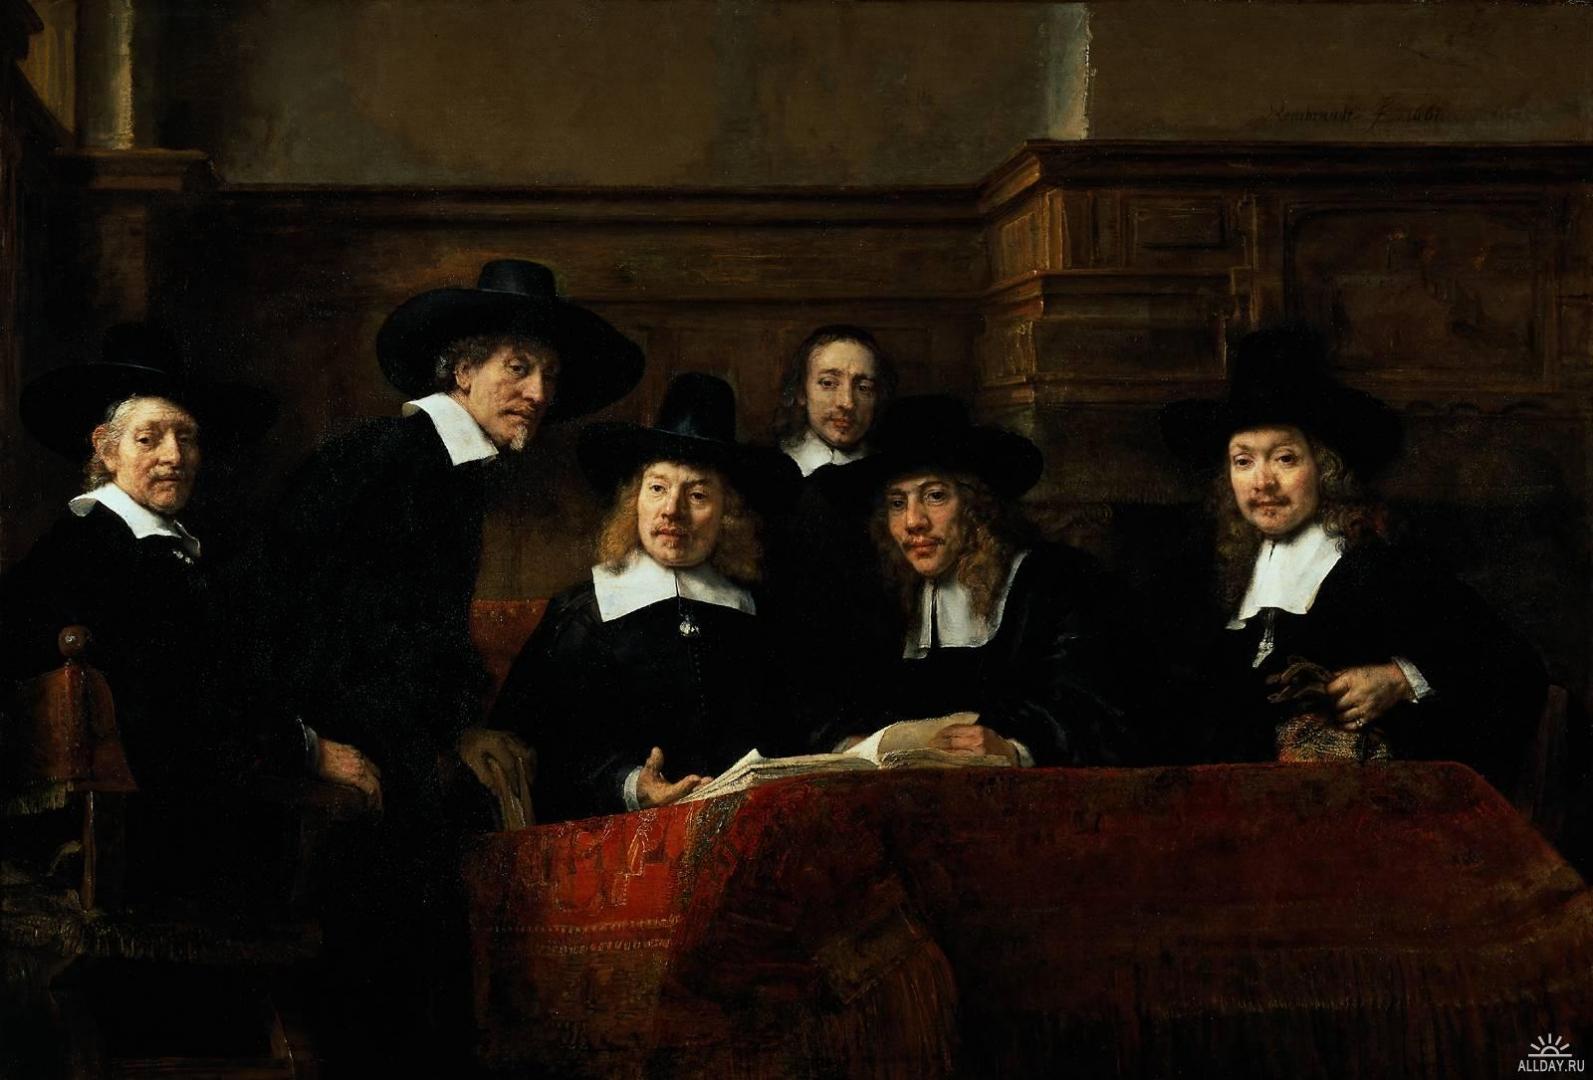 Рембранд ван Рейн. Групповой портрет чиновников